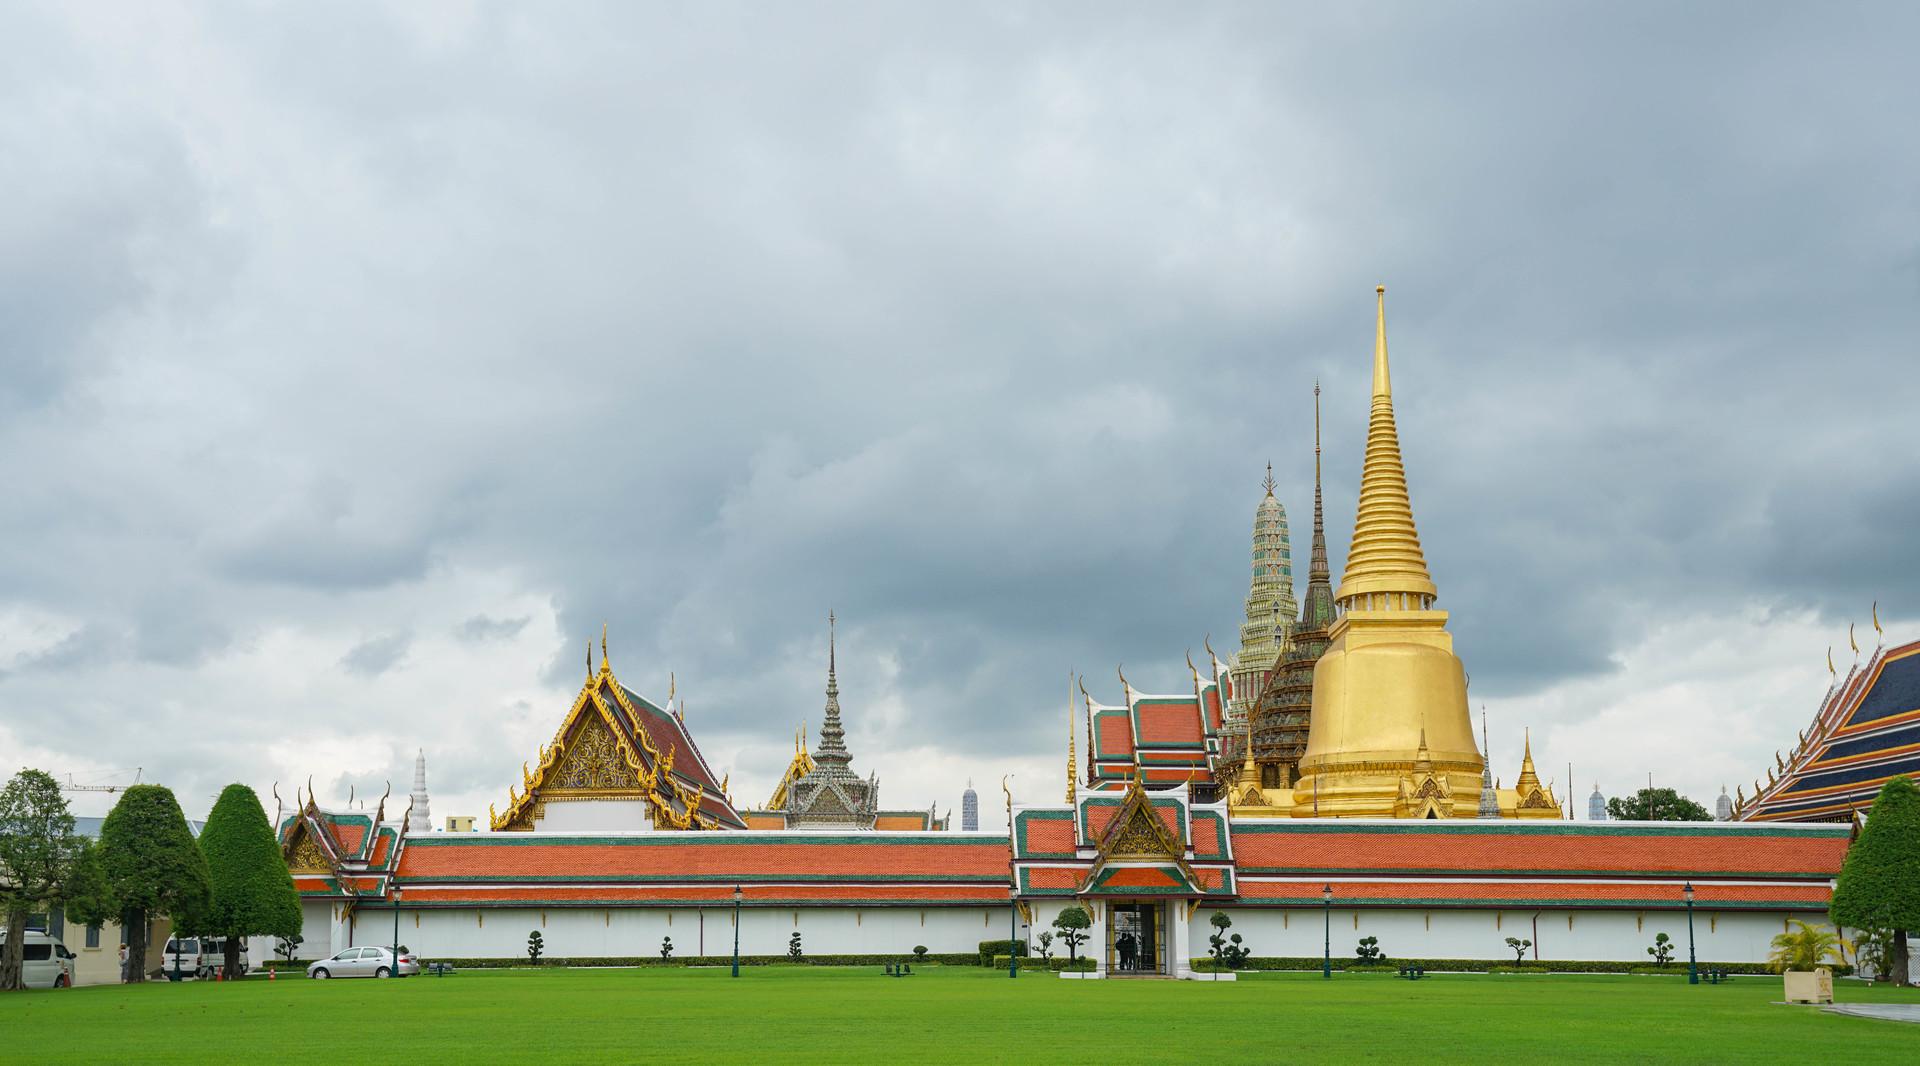 【皇牌线路】<泰国风情六天纯玩之旅>无自费无购物 曼谷独留一天自由活动